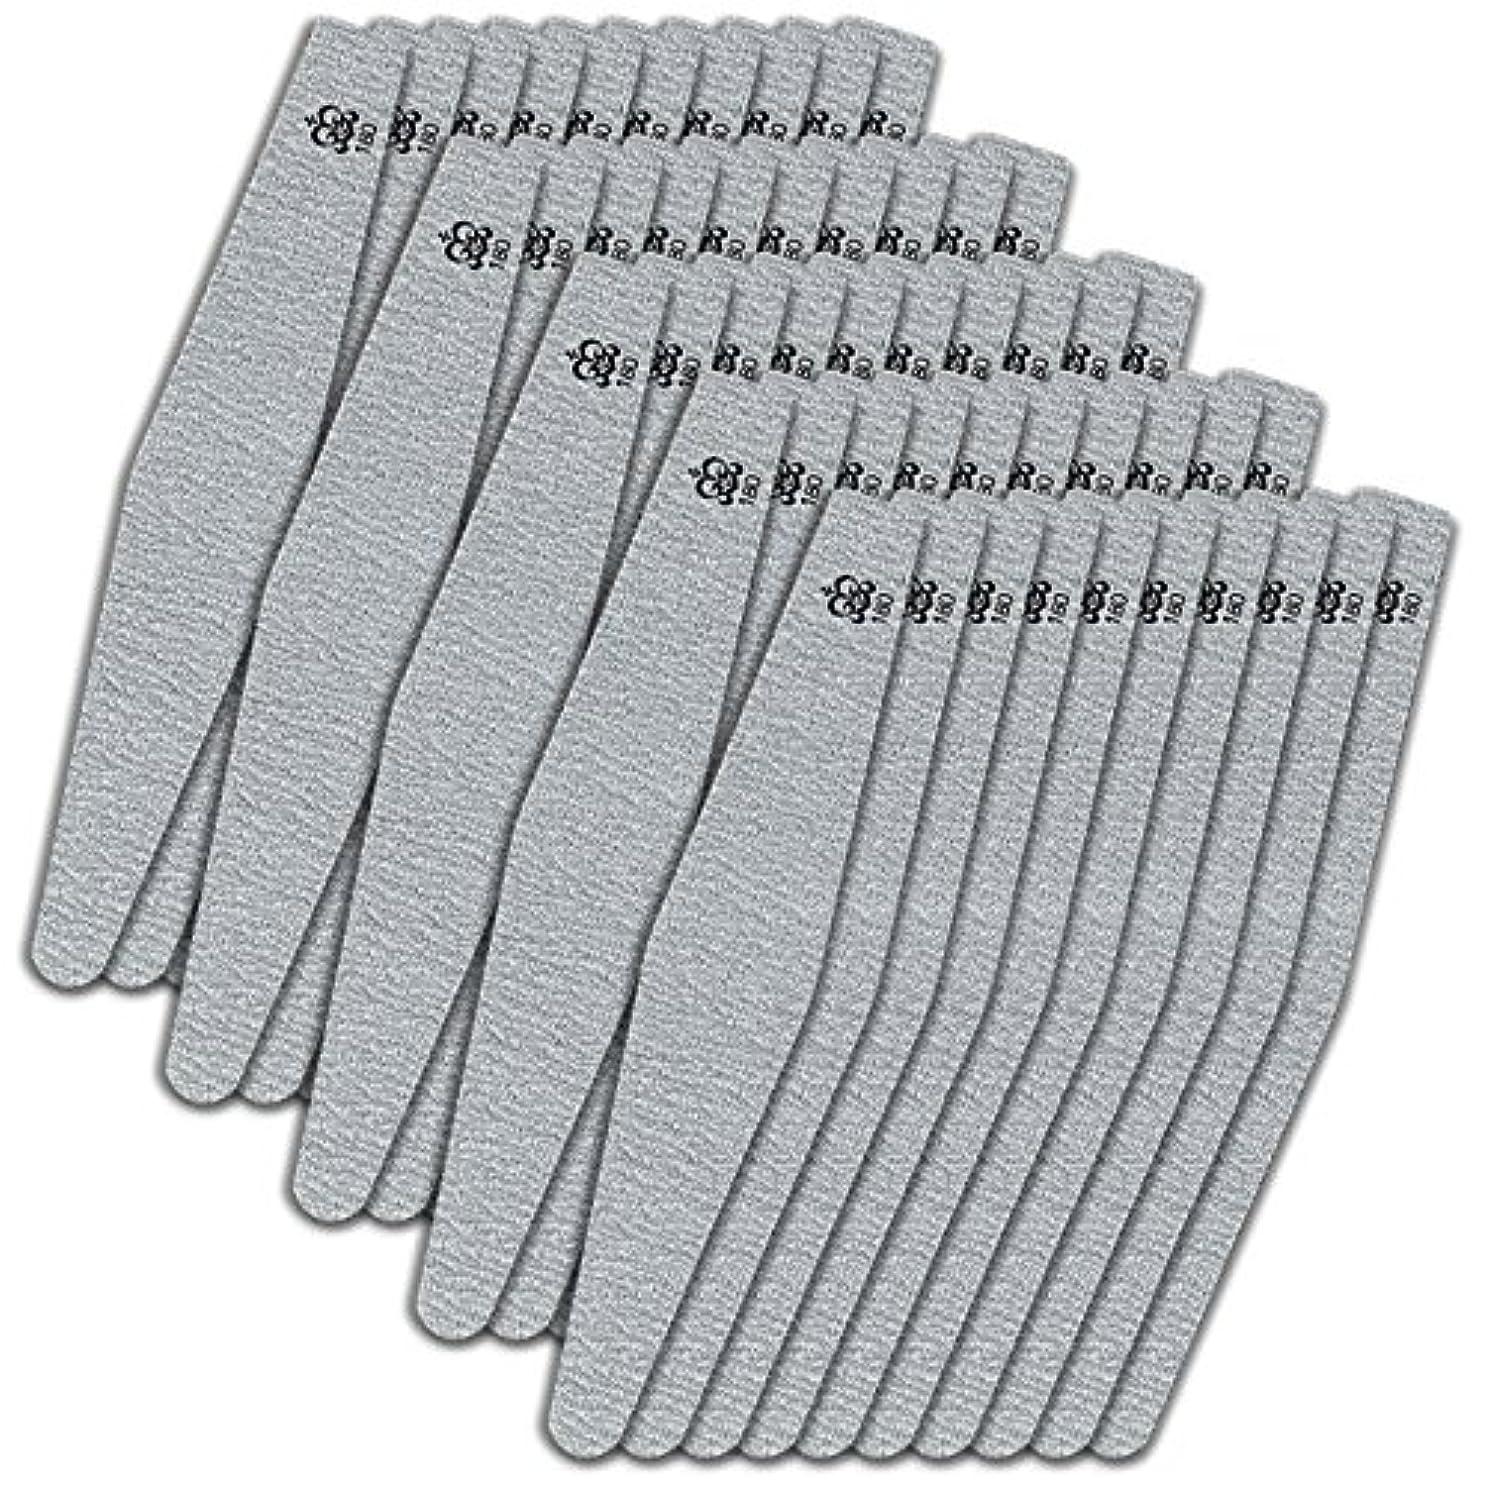 一生つづり気分ミクレア(MICREA) ミクレア プロフェッショナルファイル バリューパック ダイヤ型 180G 50本入